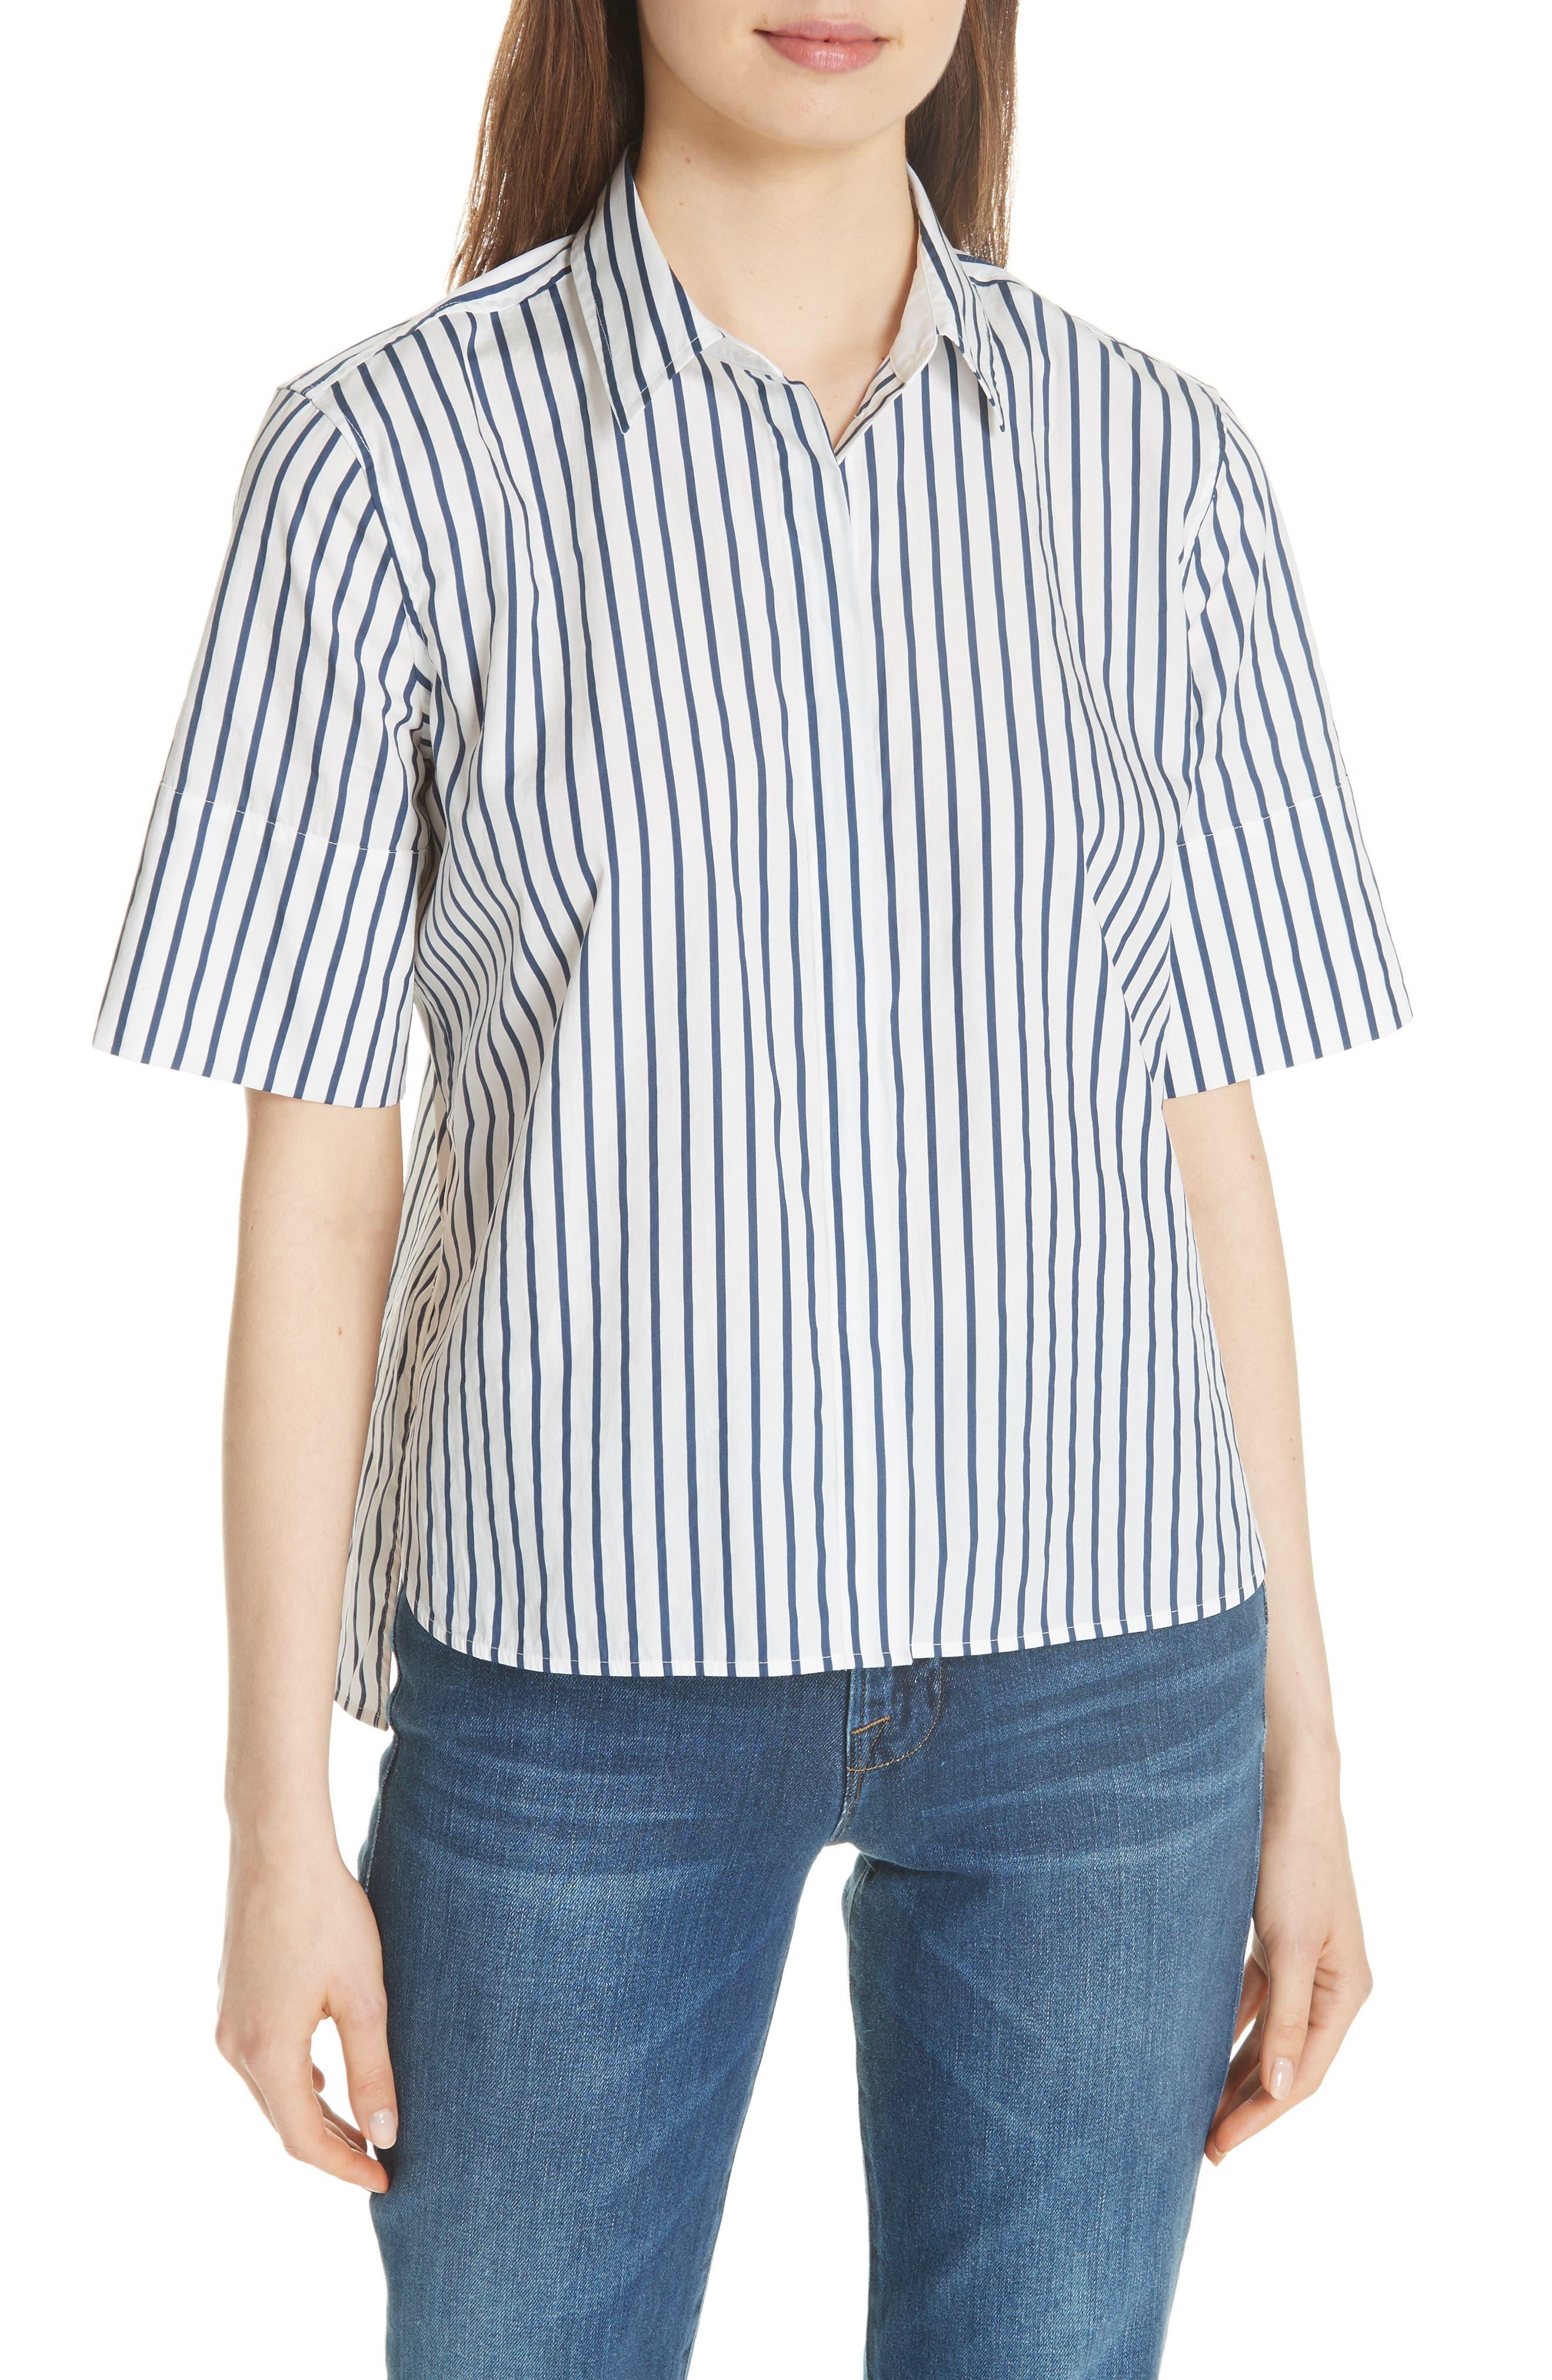 Paulette Short Sleeve Cotton Top,                         Main,                         color, ECLIPSE/ BRIGHT WHITE